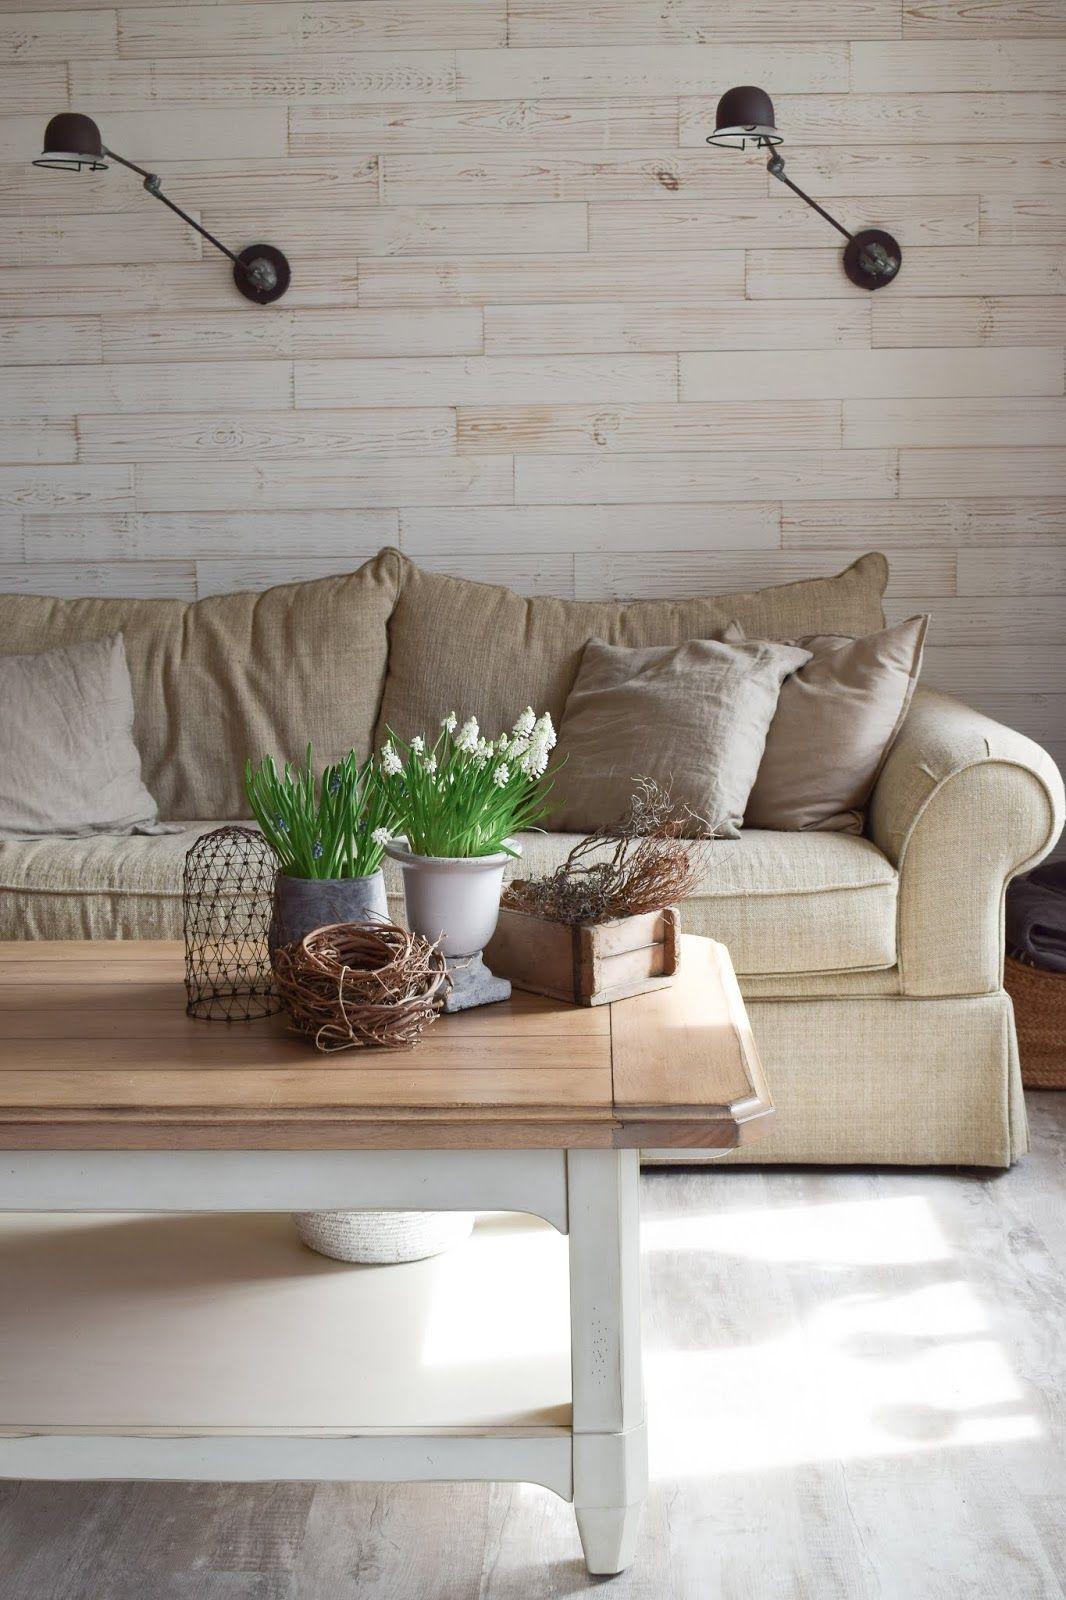 Deko Perlhyazinthen Tischdeko Dekoidee Wohnzimmer Interior Natürlich